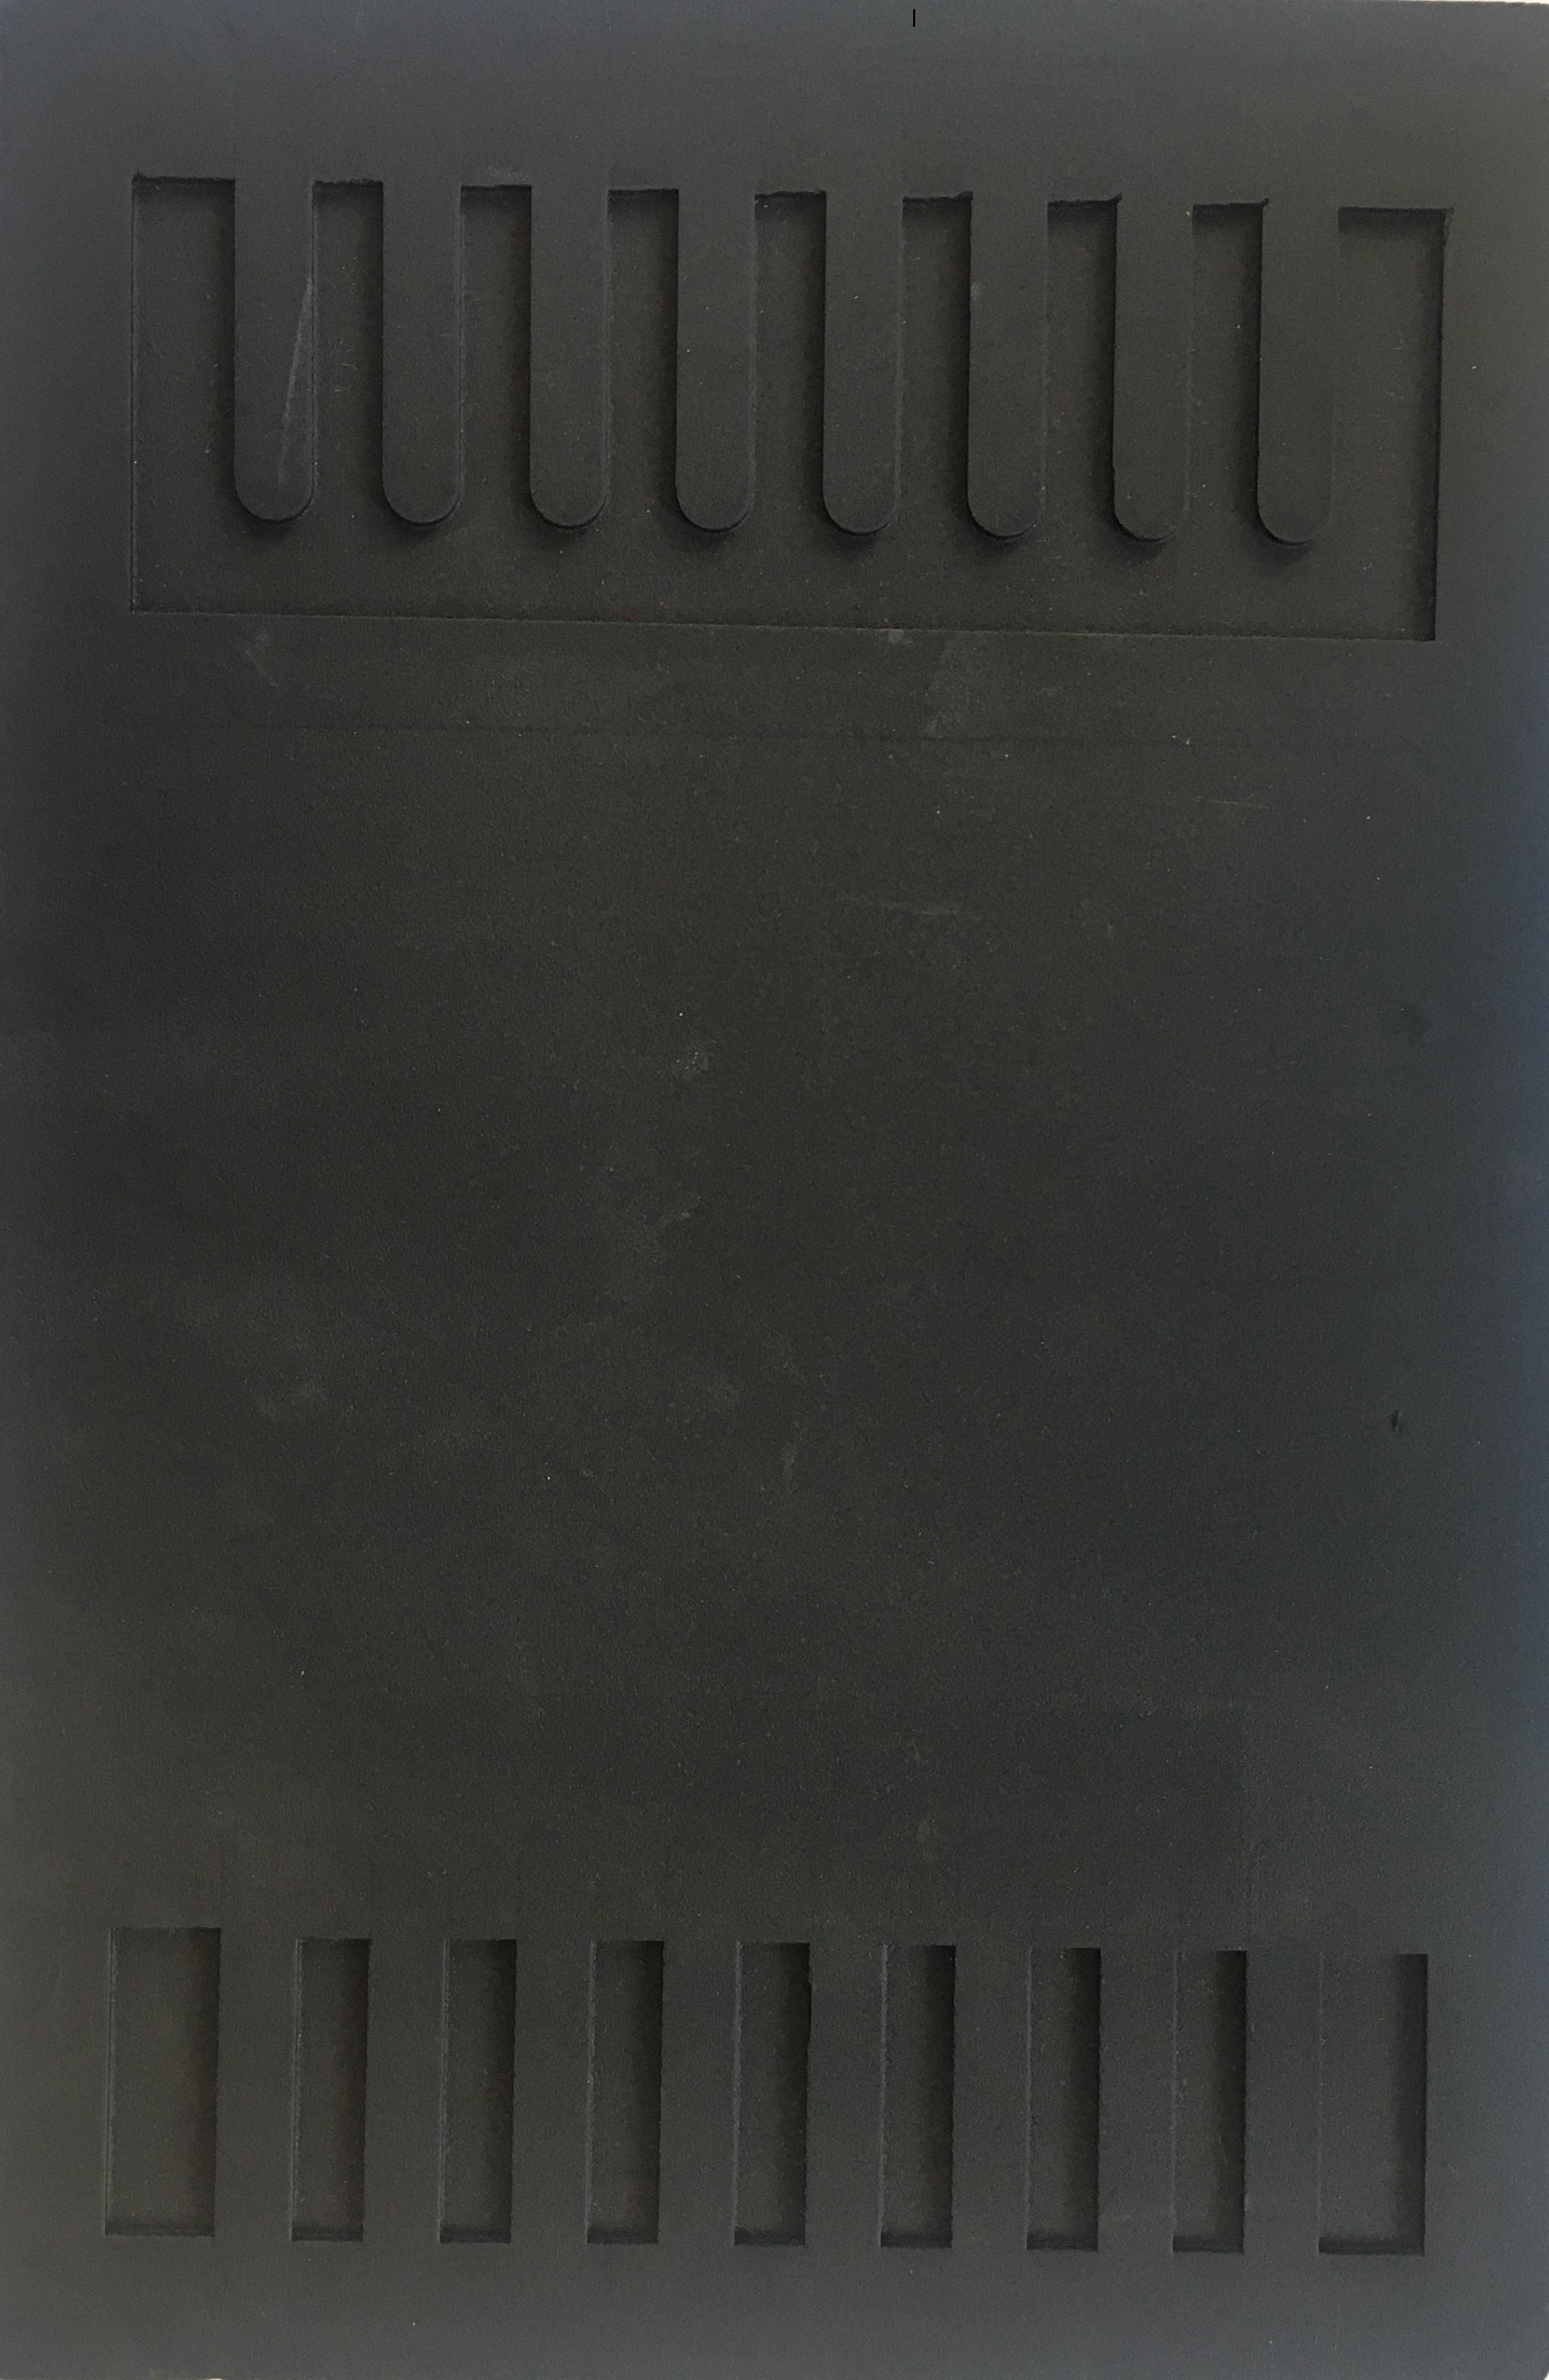 Zástěrky k vozíku gumové, 1 ks, 23x34 cm